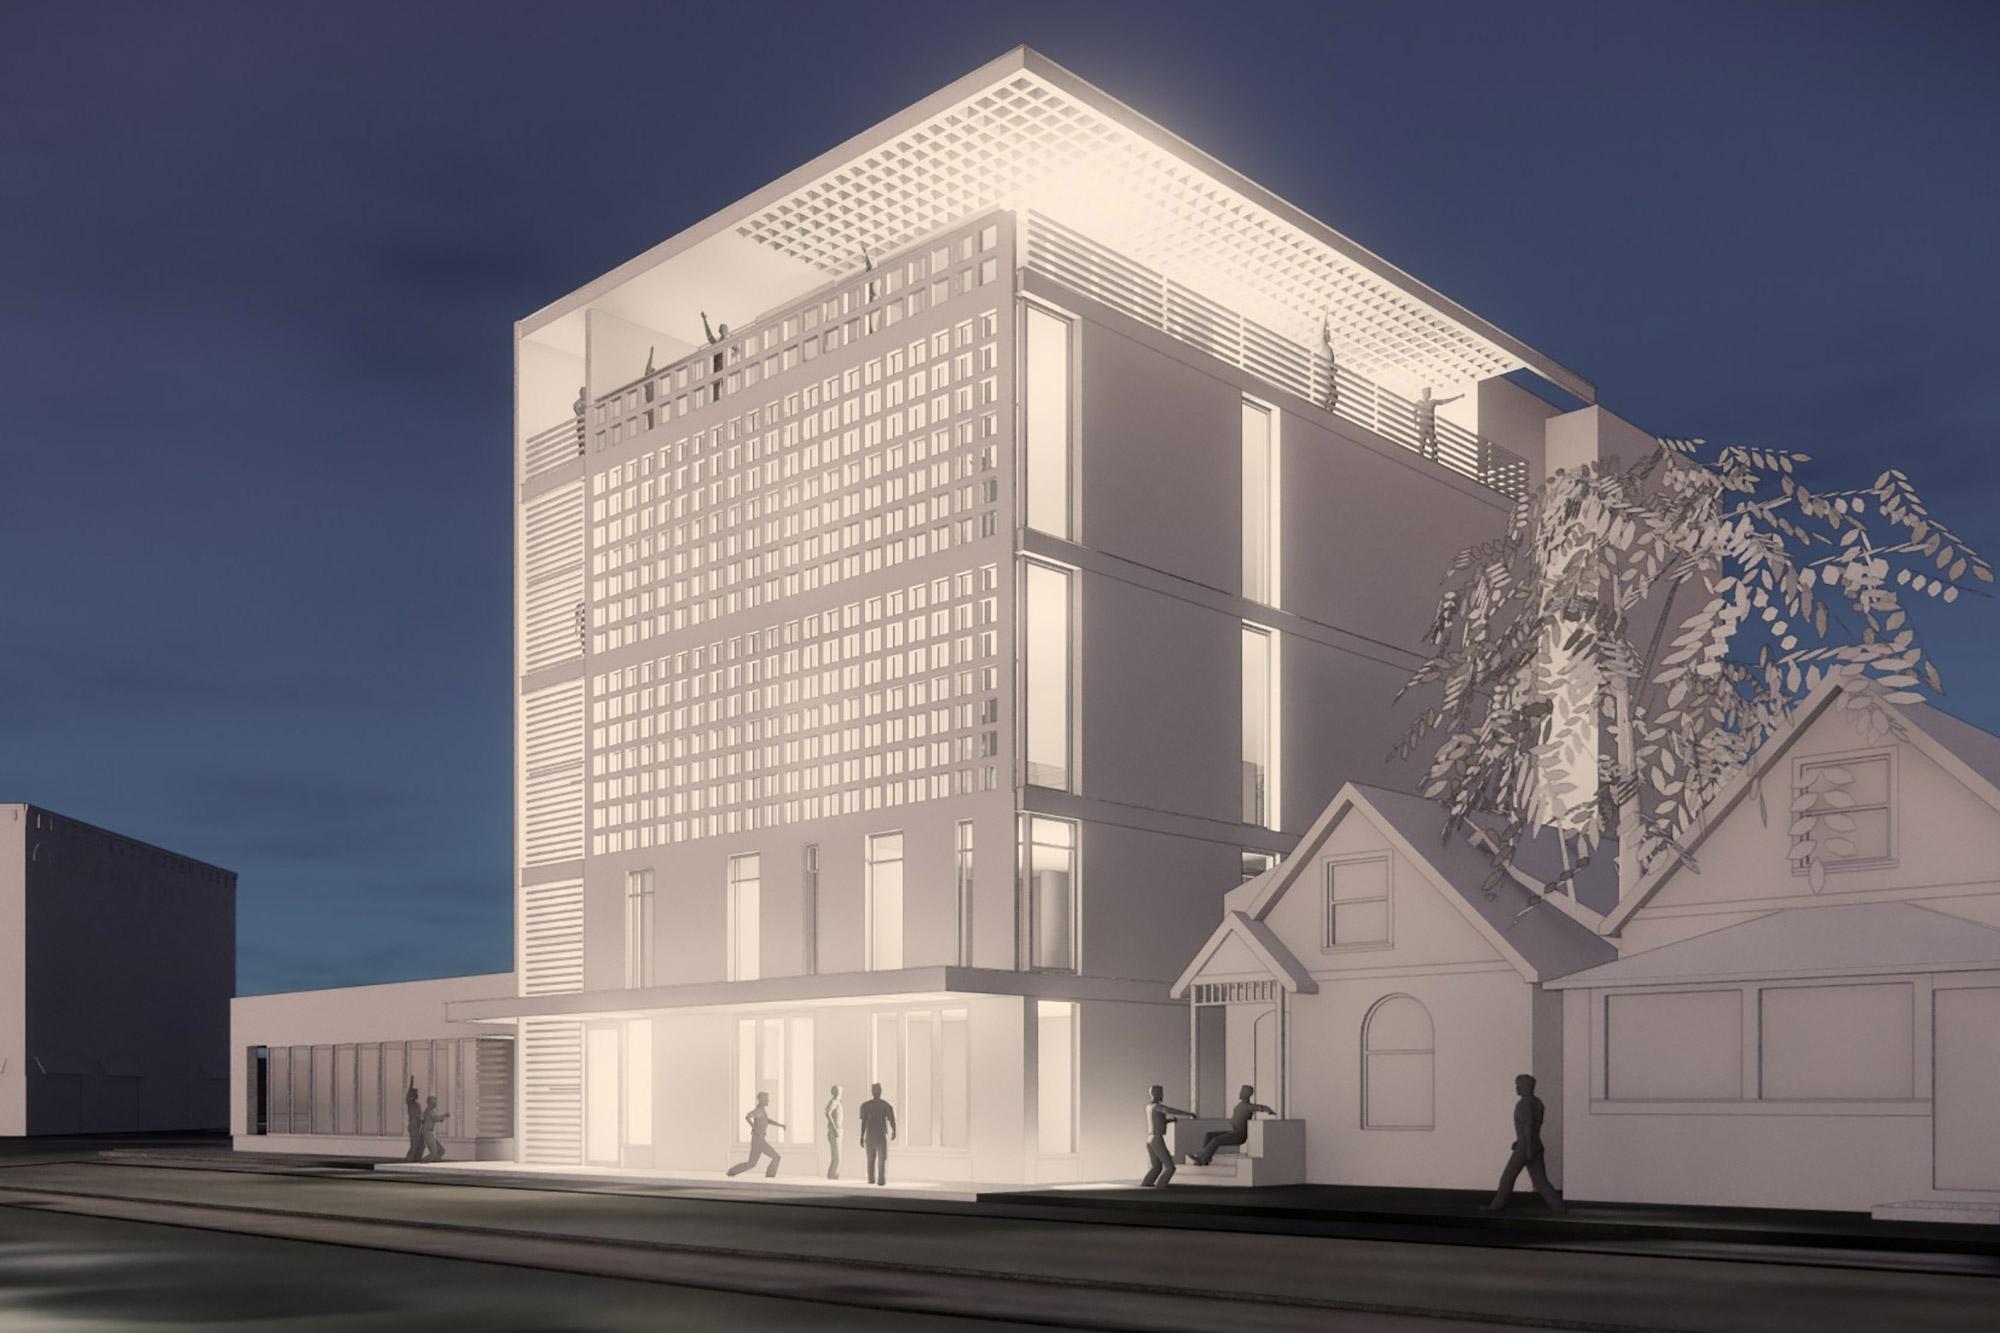 New Project: 3030 Welton Hostel